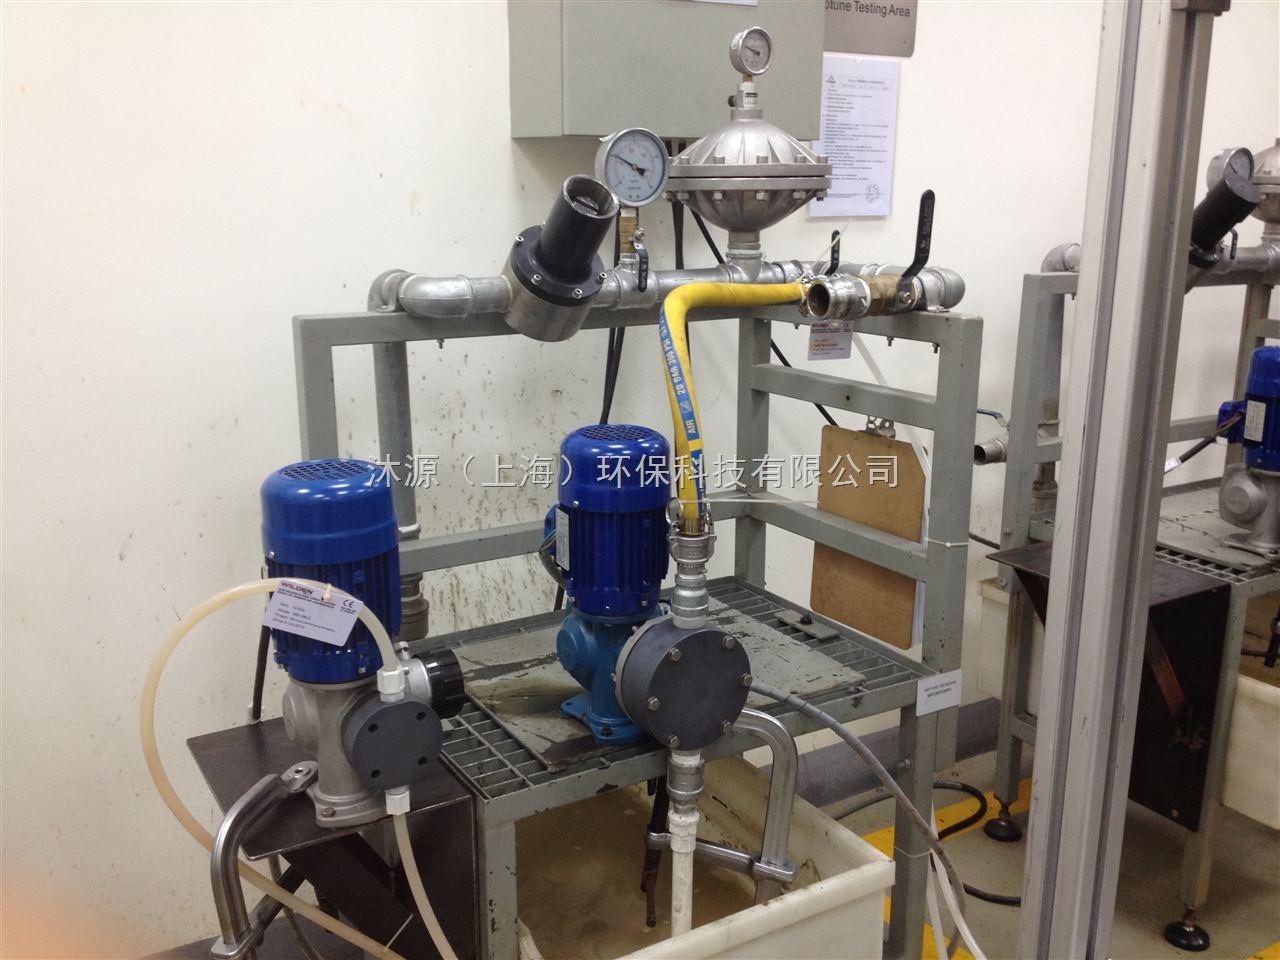 机械隔膜计量泵/Mechanical Diaphragm Pump 液力端产品特性 流量范围大:2L/h - 4200L/h 过流材质:PVC,PVDF, 316SS 处理挥发性化学品时性能卓越 自吸高度超过6米(20ft) 标准计量泵可以输送水样澄清介质至粘度达到2,500cPs的介质 特殊设计阀座,可保证泵运行与停止状态,可保证阀座完全无泄露 多种专业应用液力端设计:高粘、浆料、浓硫酸、次氯酸钠等 自清洗单向阀结构 动力端产品特性 可变偏心调节机构,流量脉动小,运行平稳 高强度蜗轮蜗杆设计结构,寿命长